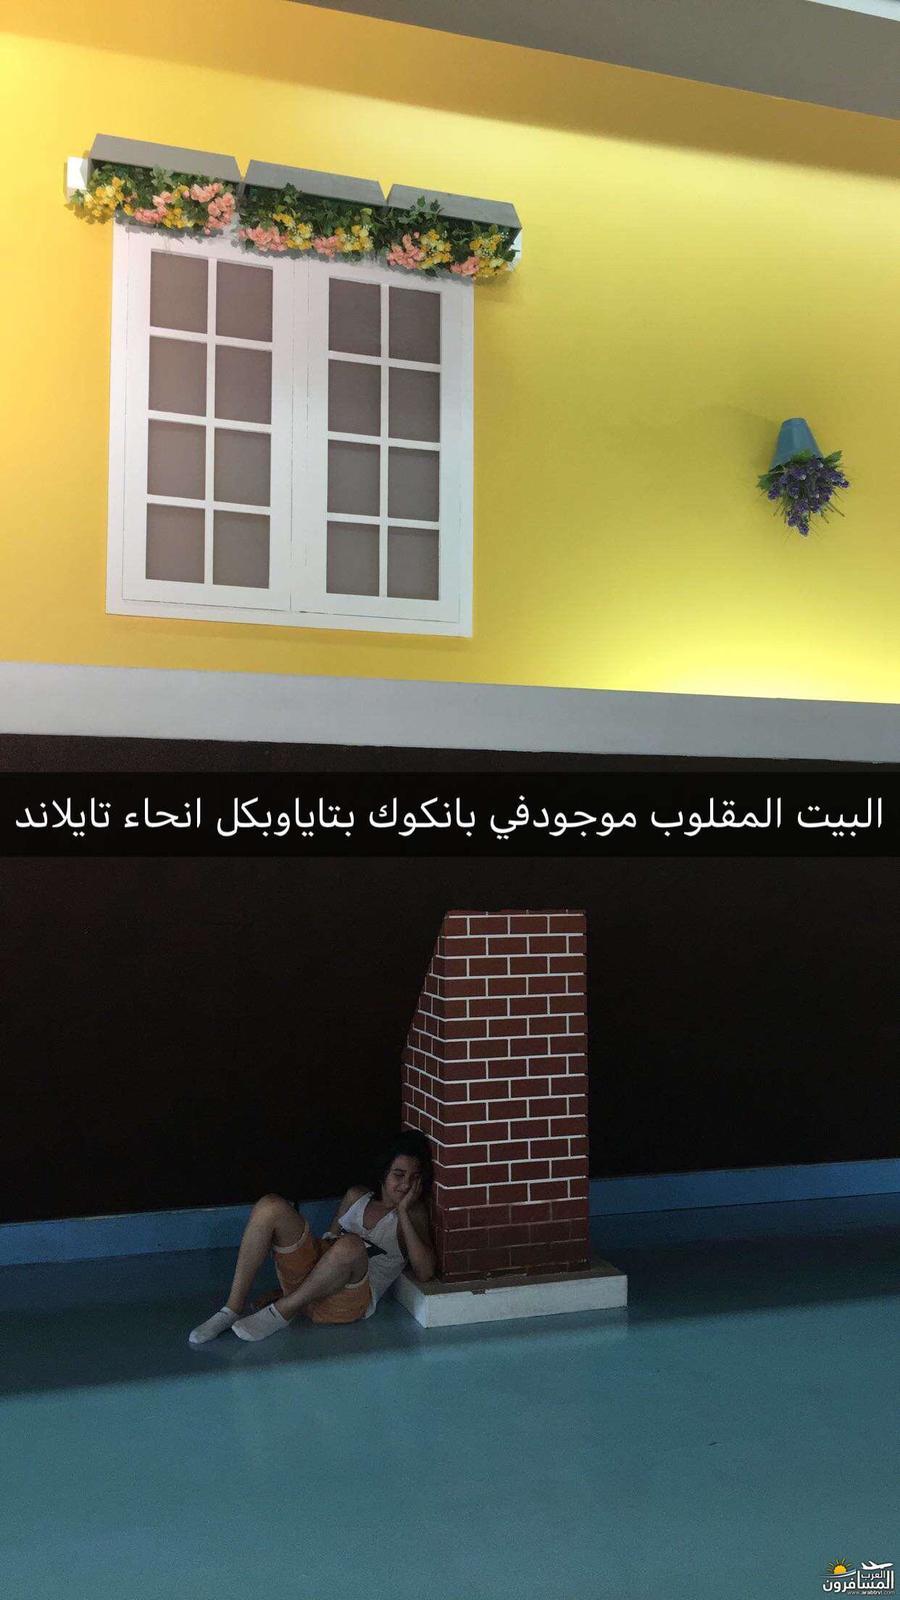 arabtrvl1509095736891.jpg